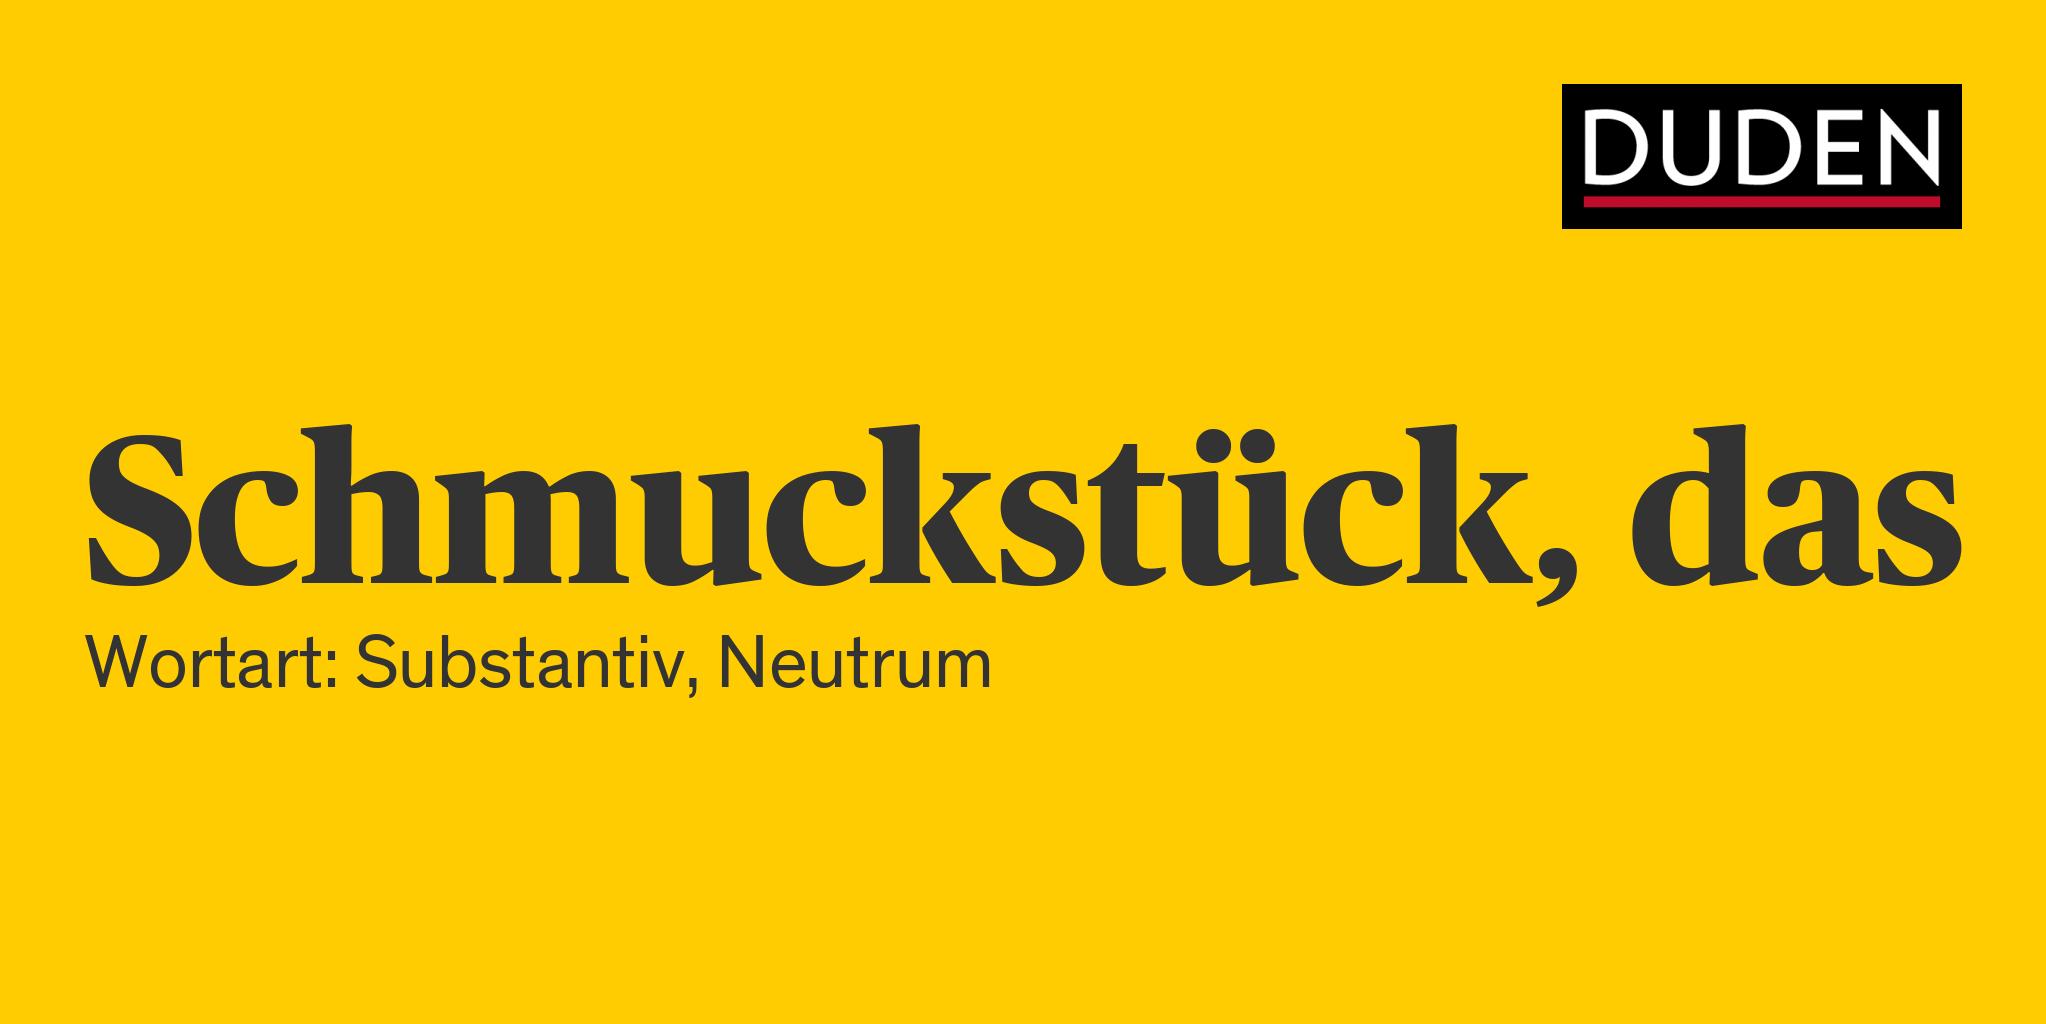 Anderes Wort Für Schmuck